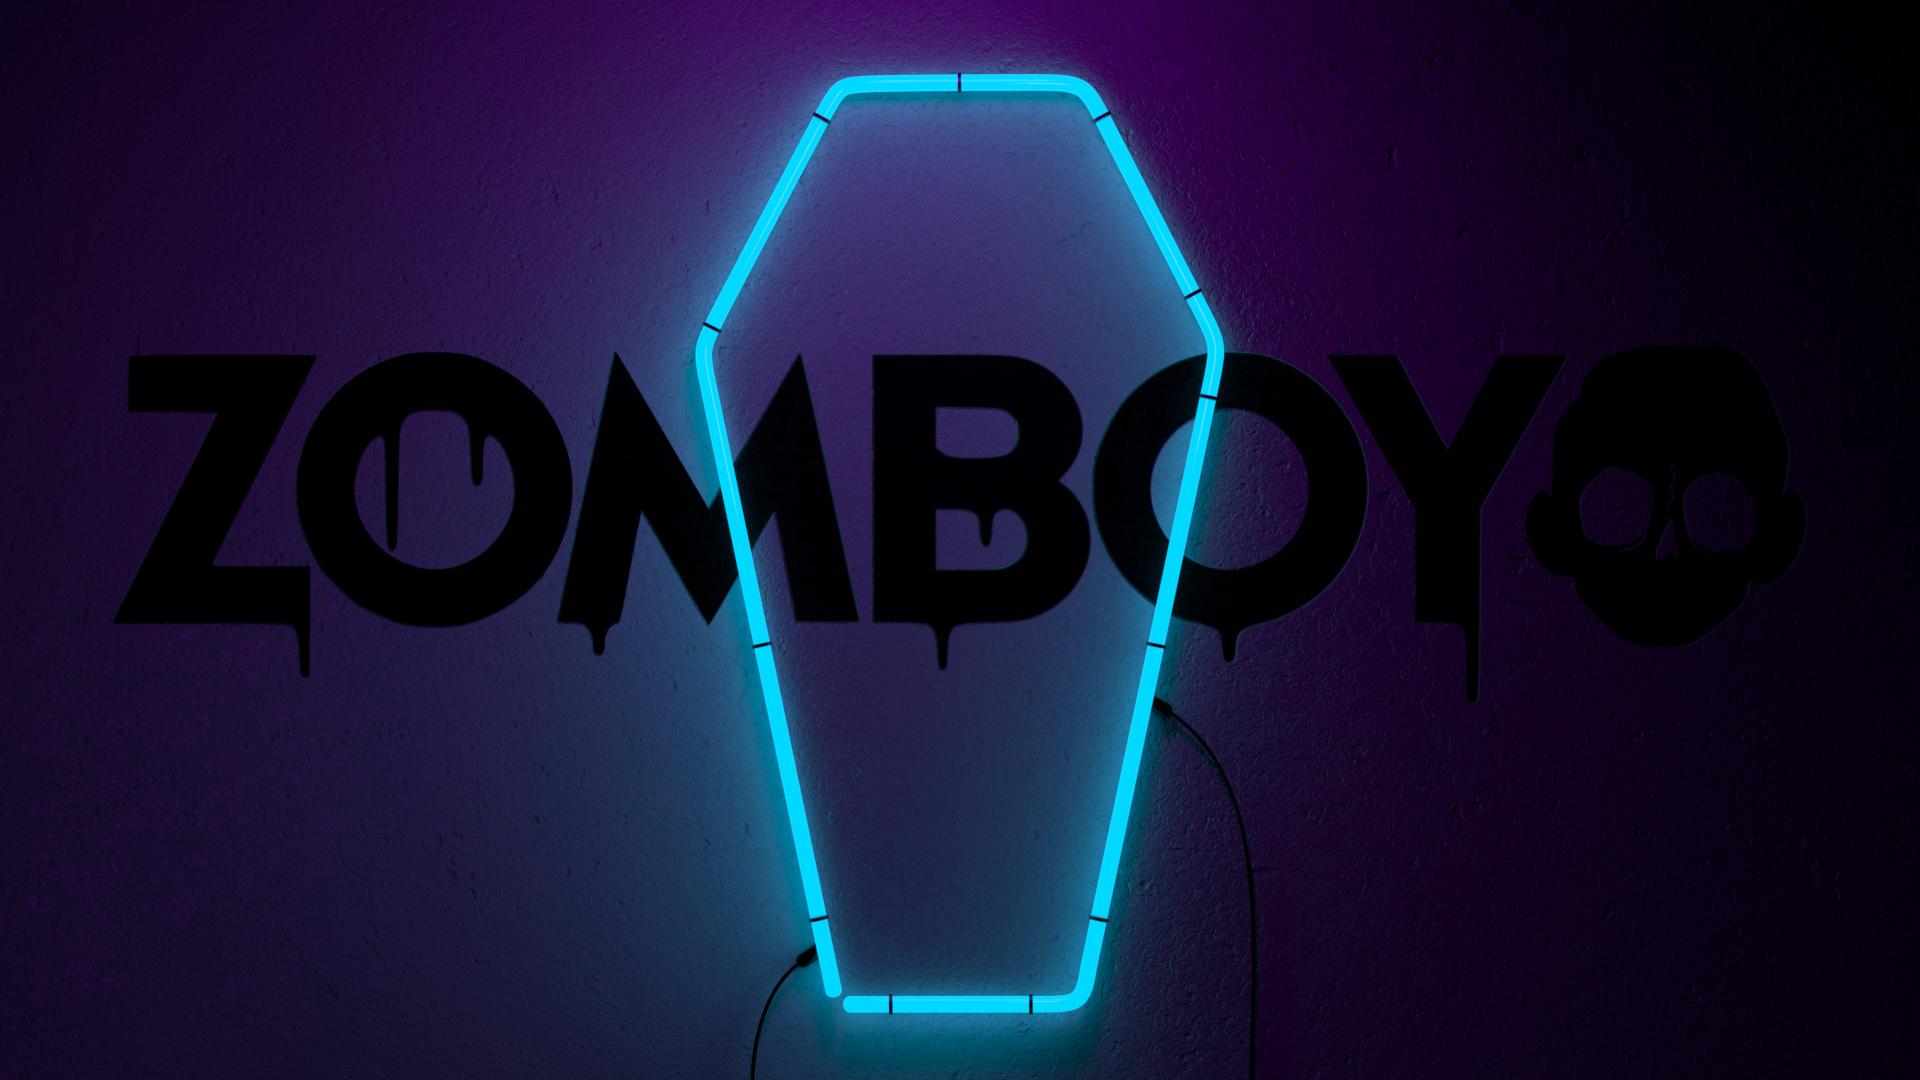 Zomboy fan made a Neon Grave wall blender 1920x1080